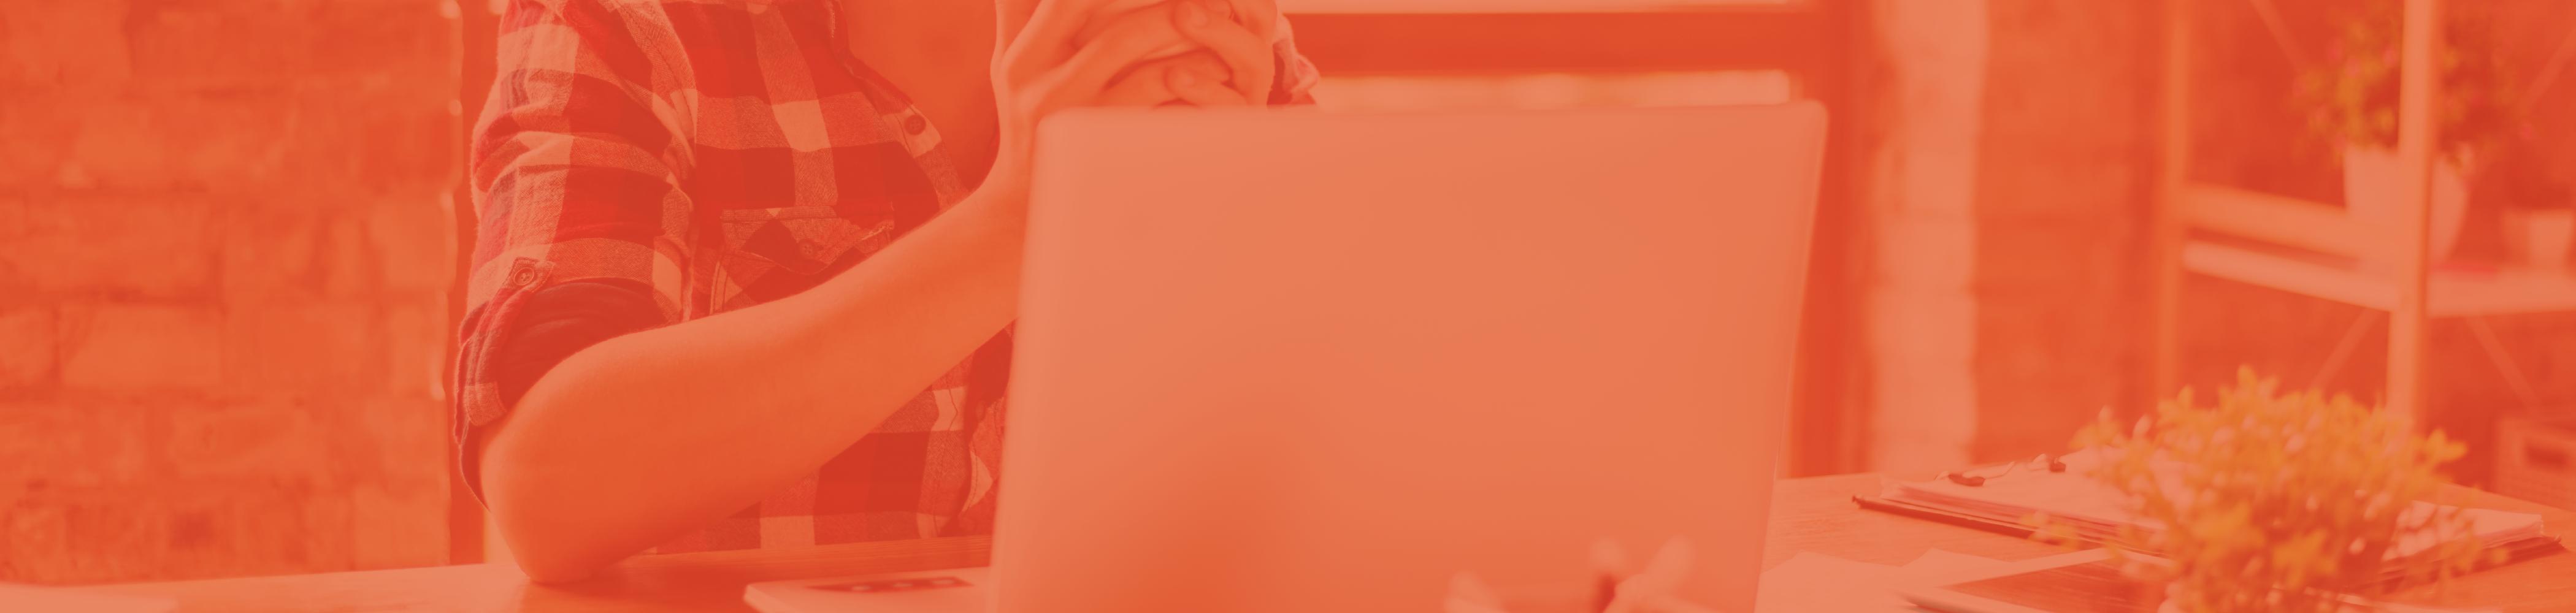 customer training blog